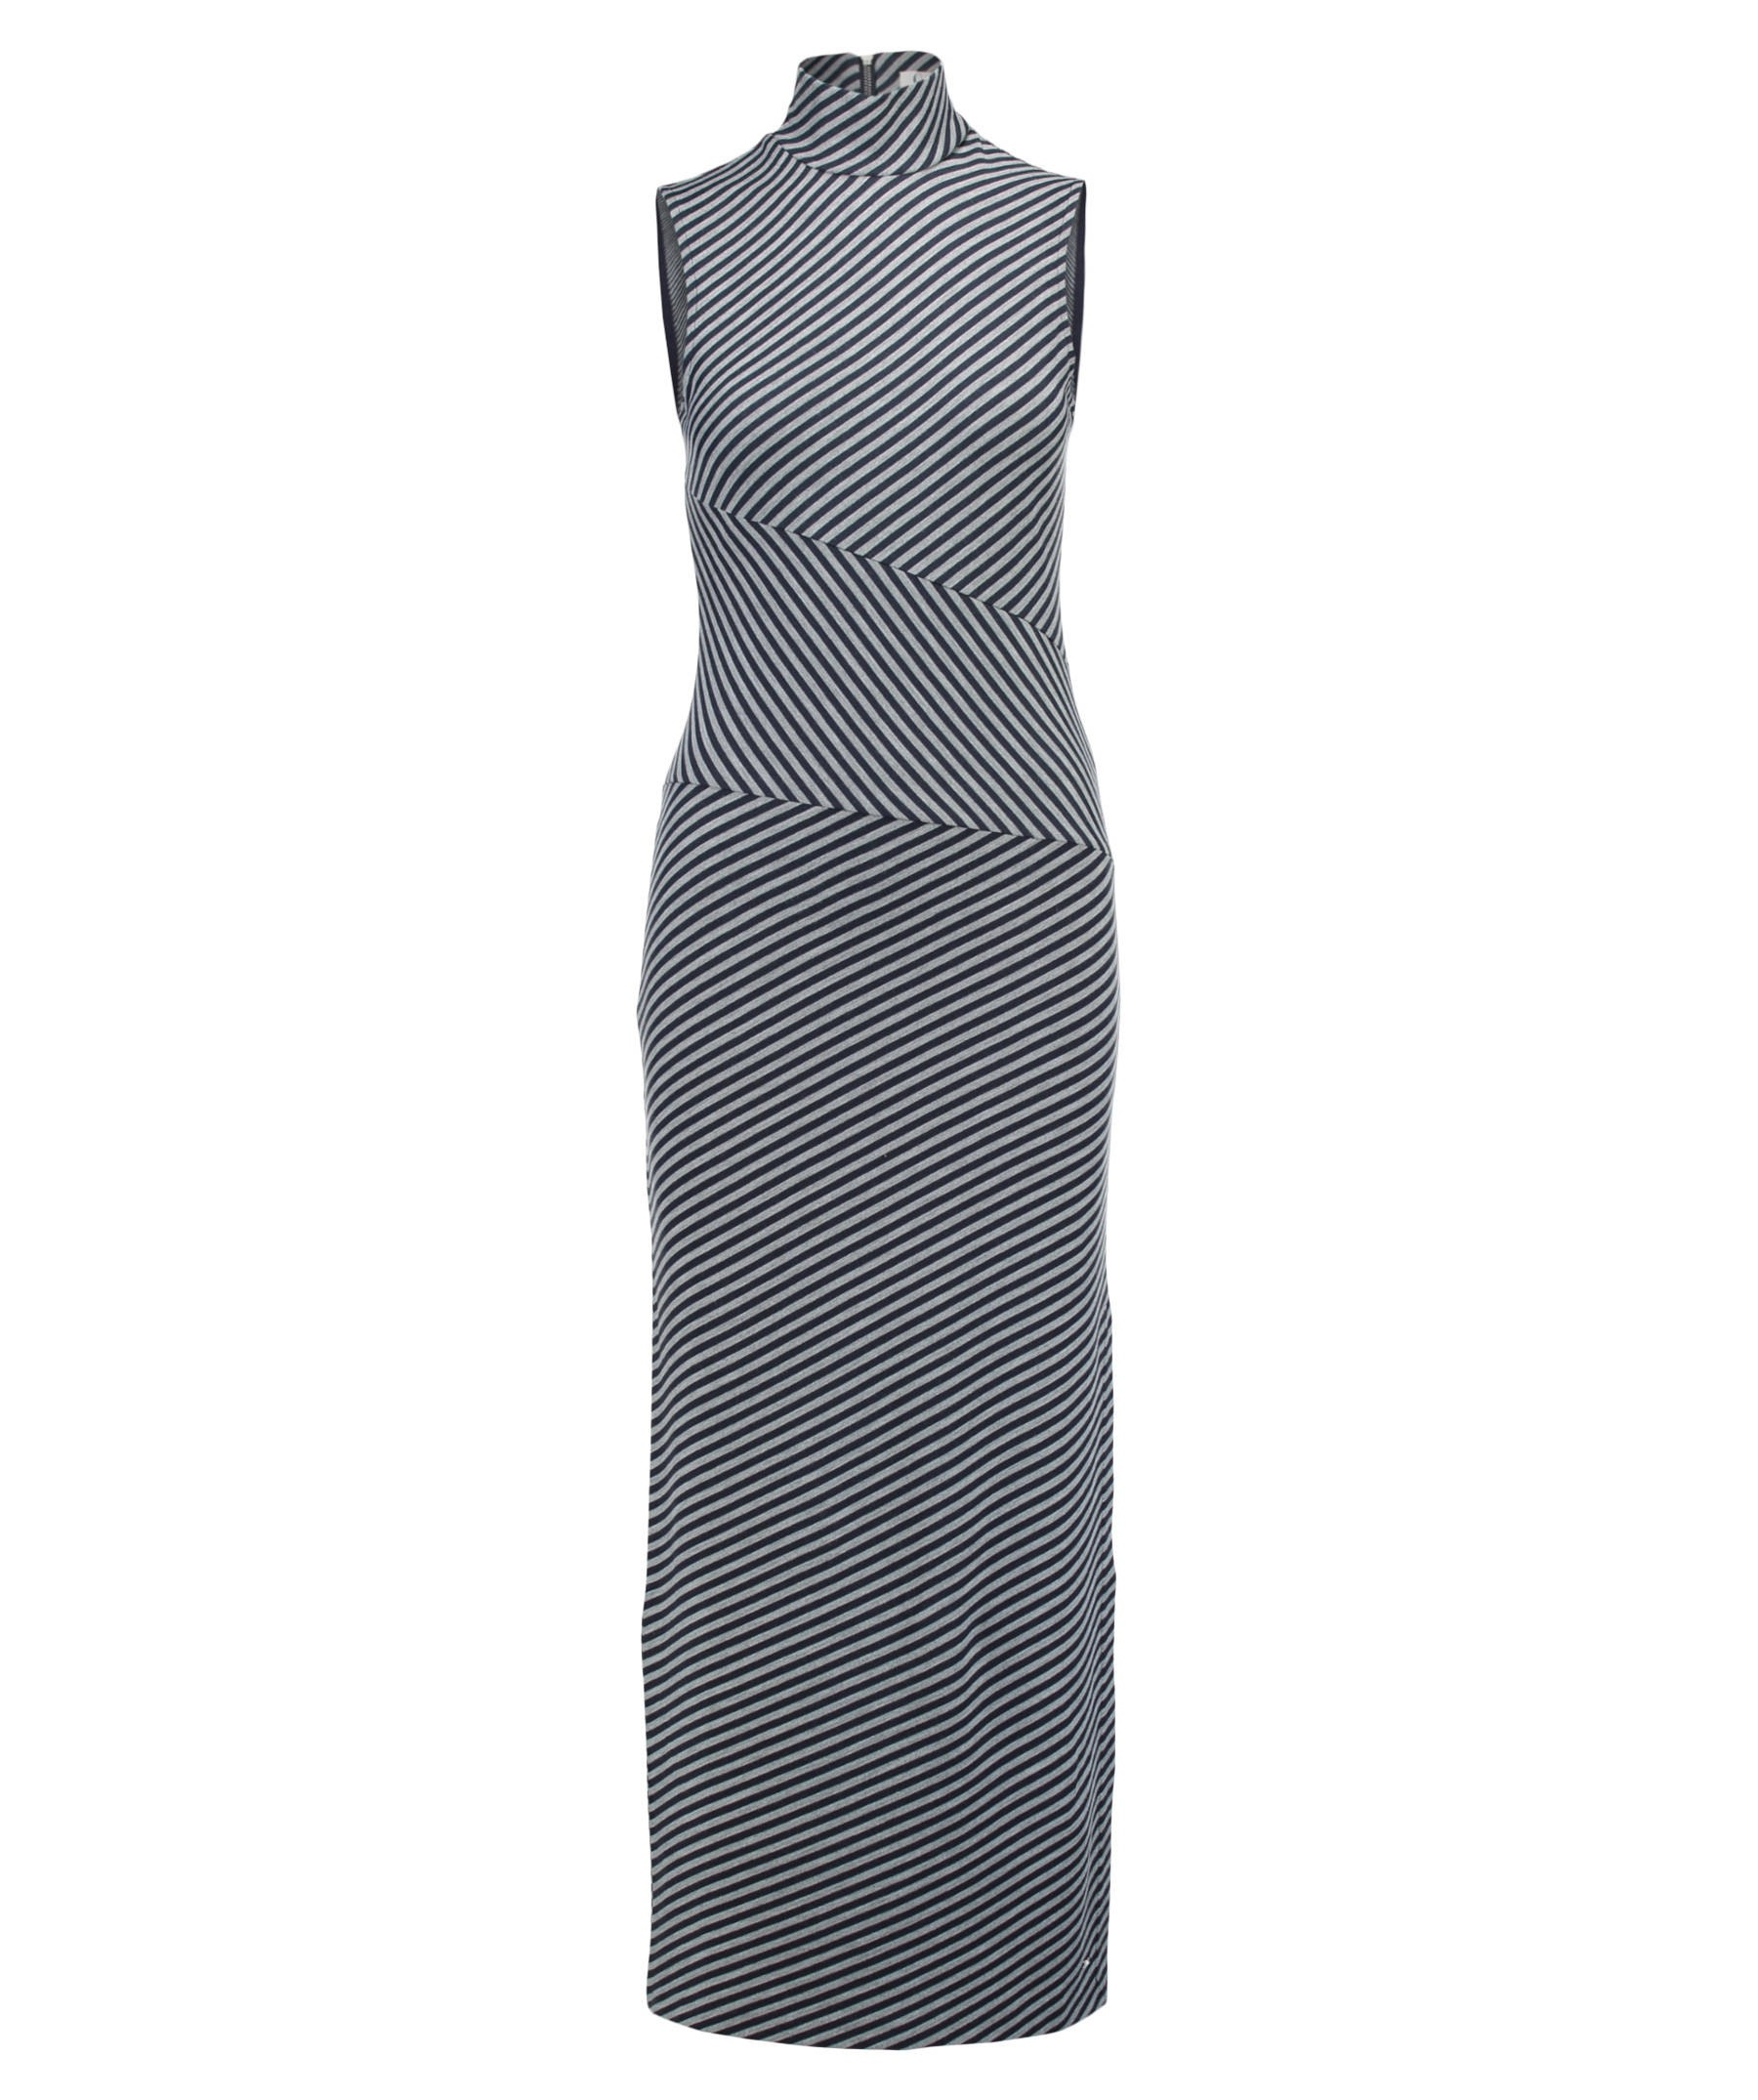 Einzigartig Kleider Deutschland für 2019Formal Luxurius Kleider Deutschland Boutique